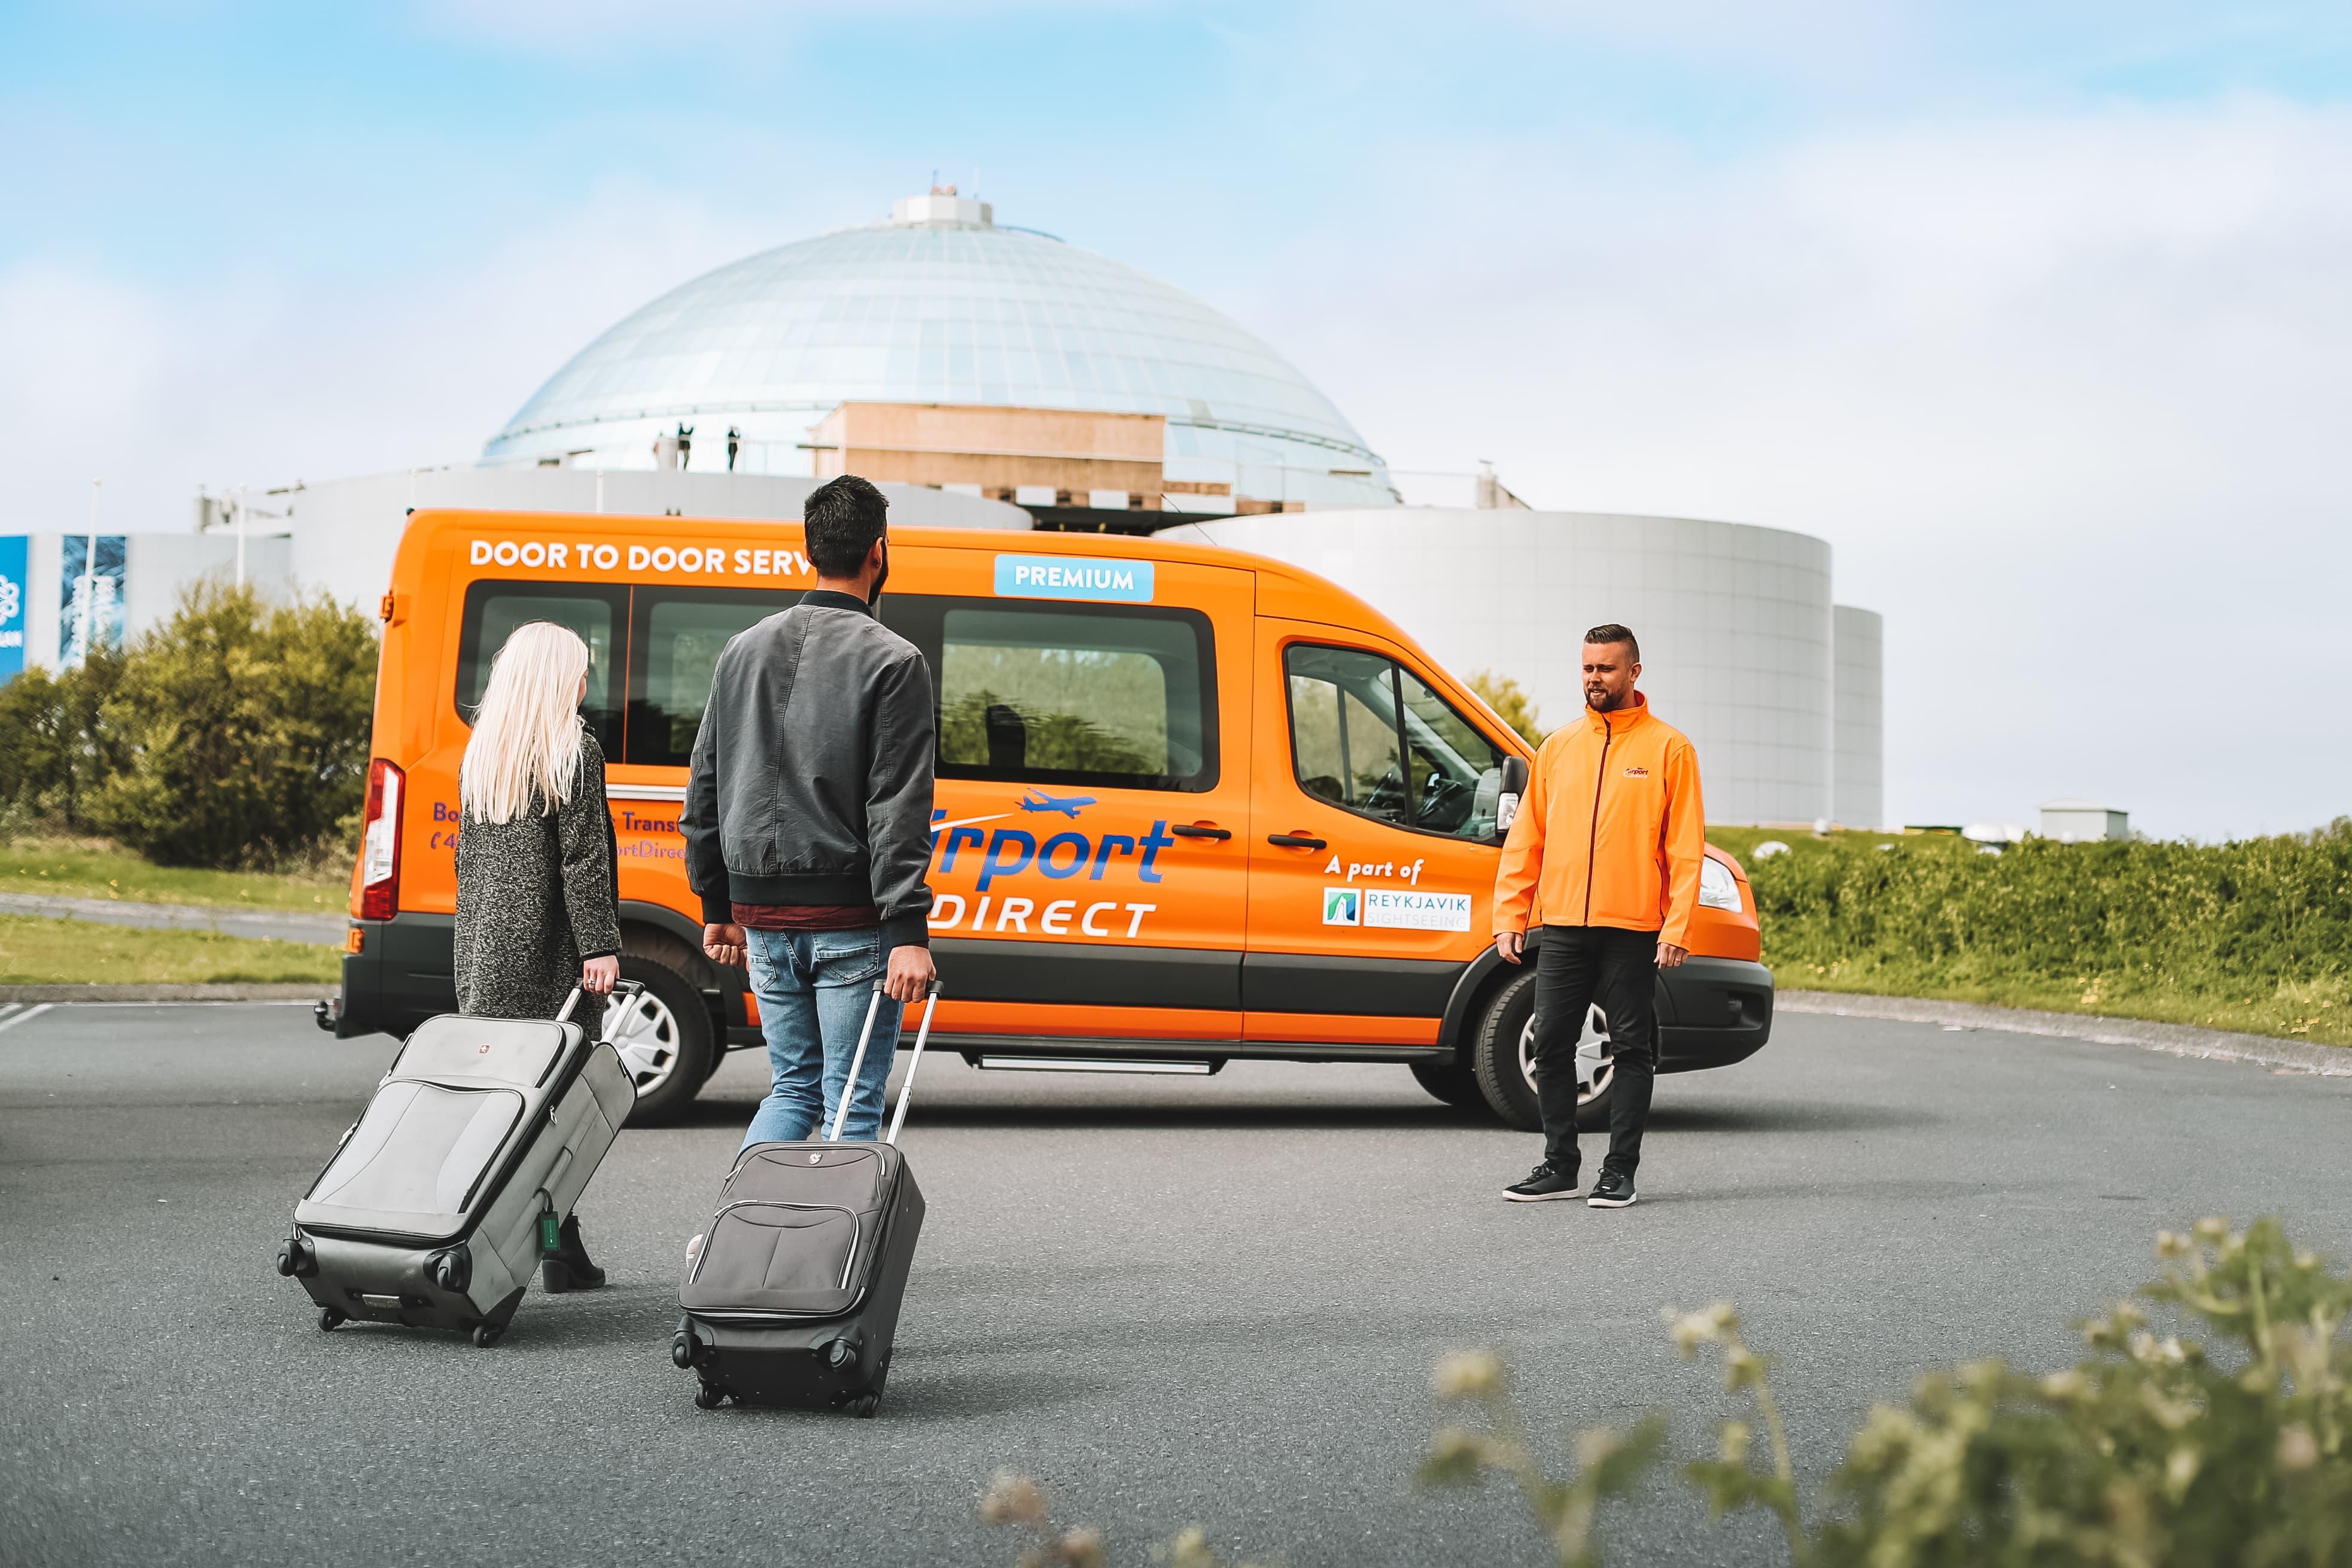 冰岛国际机场直达首都市区高端专线|小巴交通